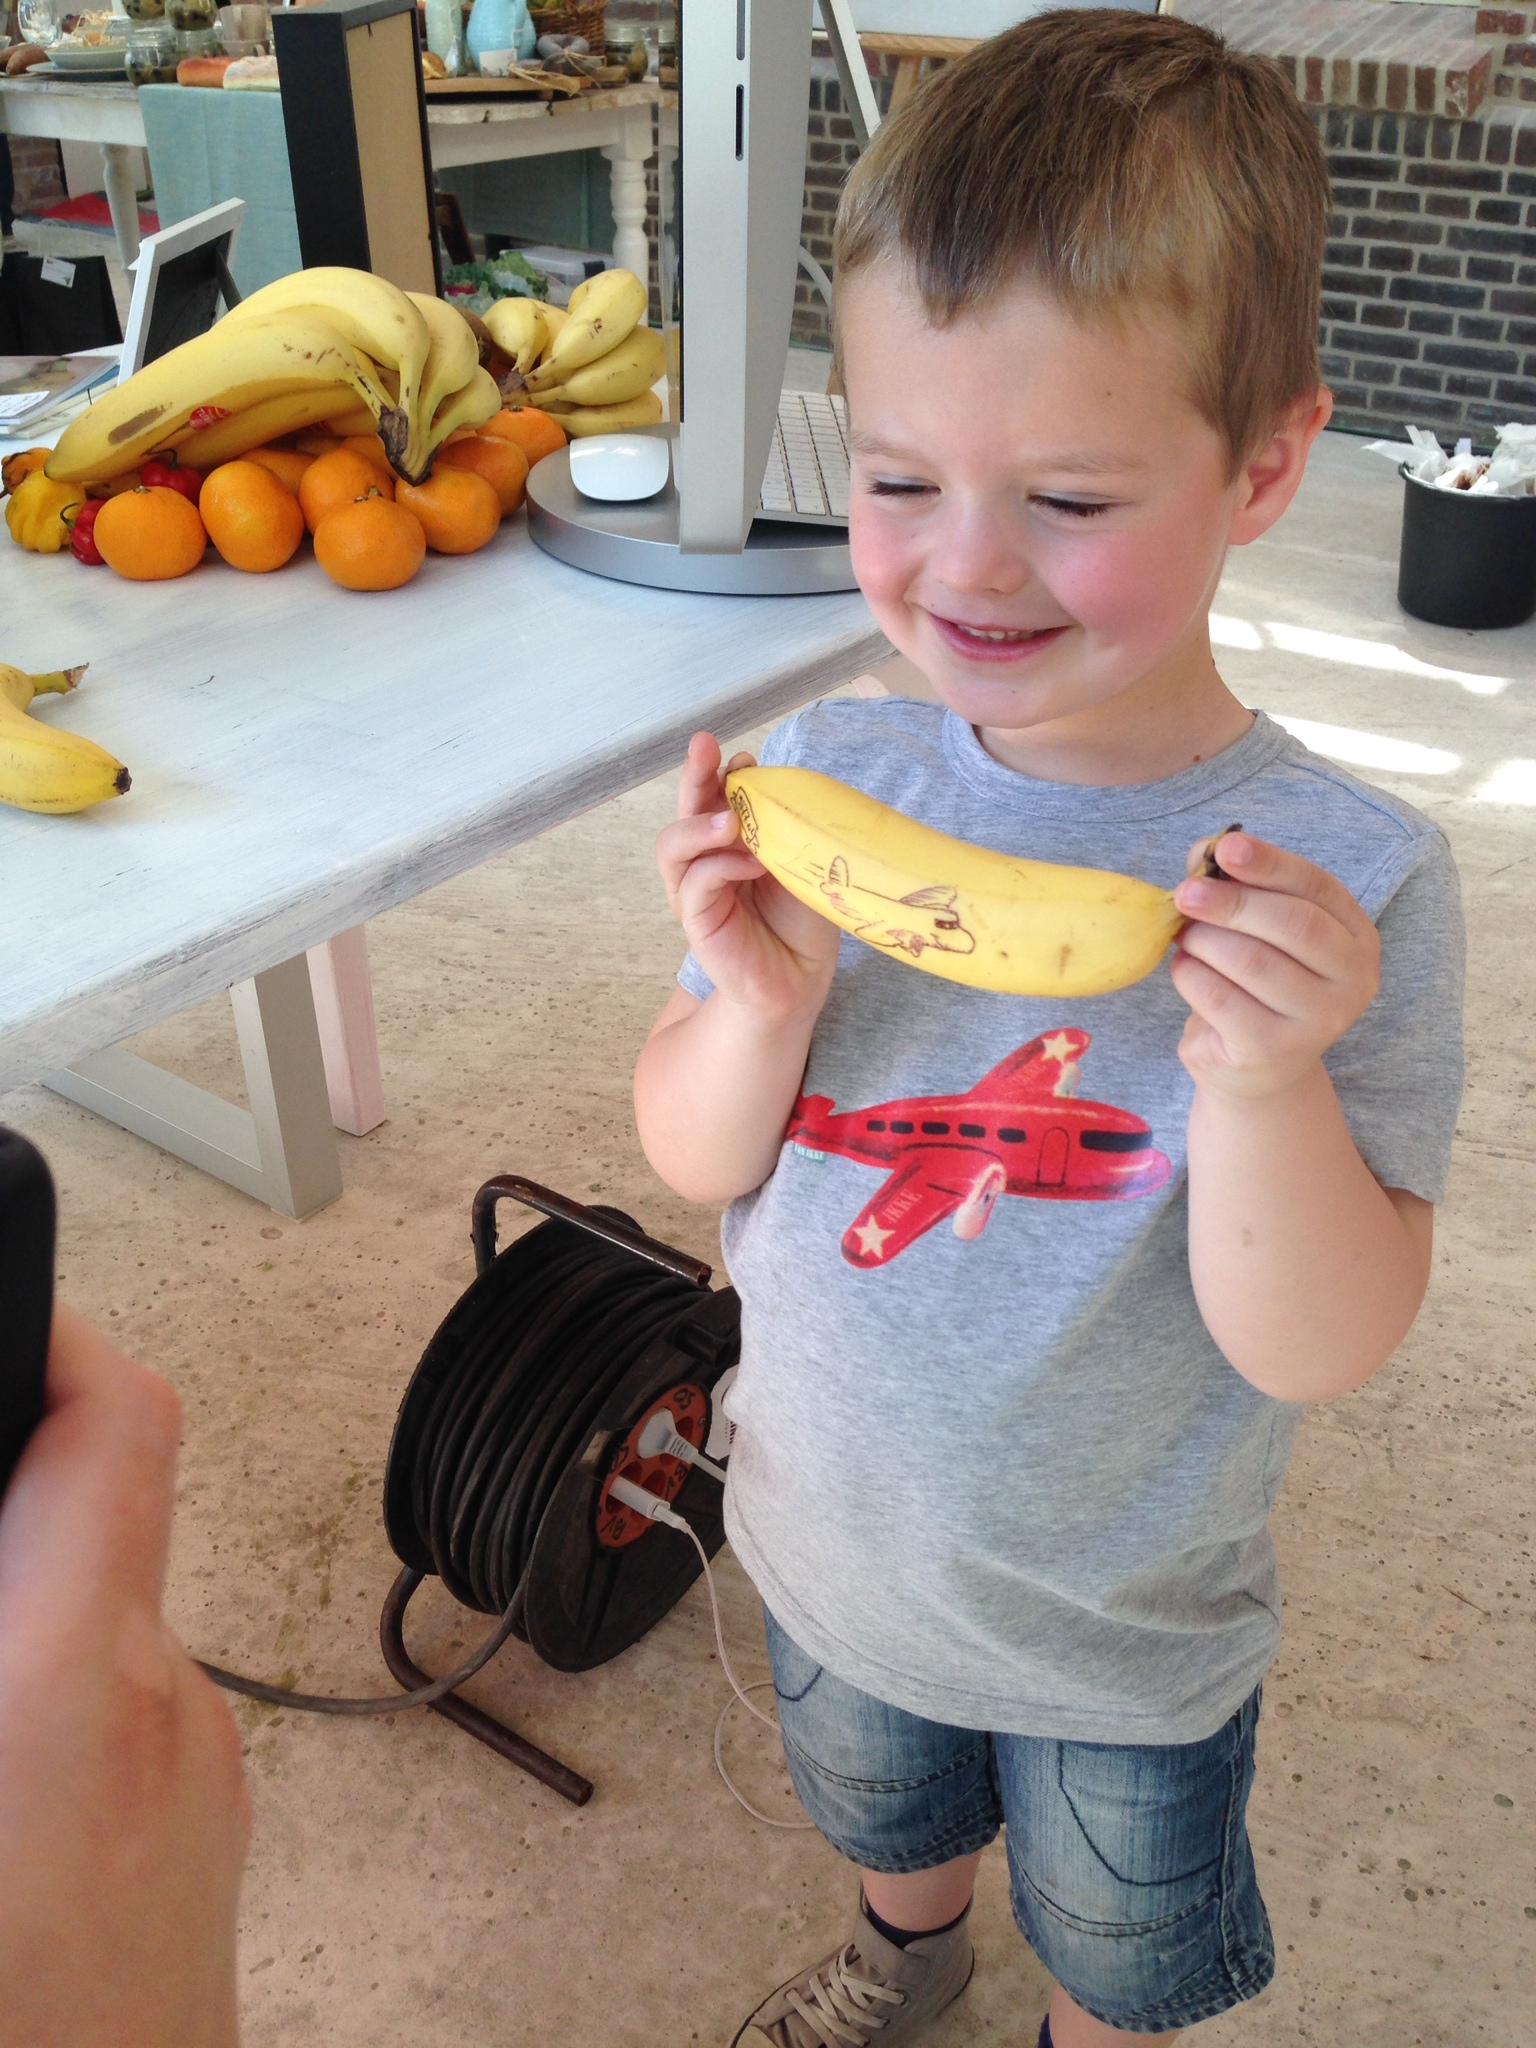 Bananenkunstenaar. Het eindresultaat gaat morgen mee naar school